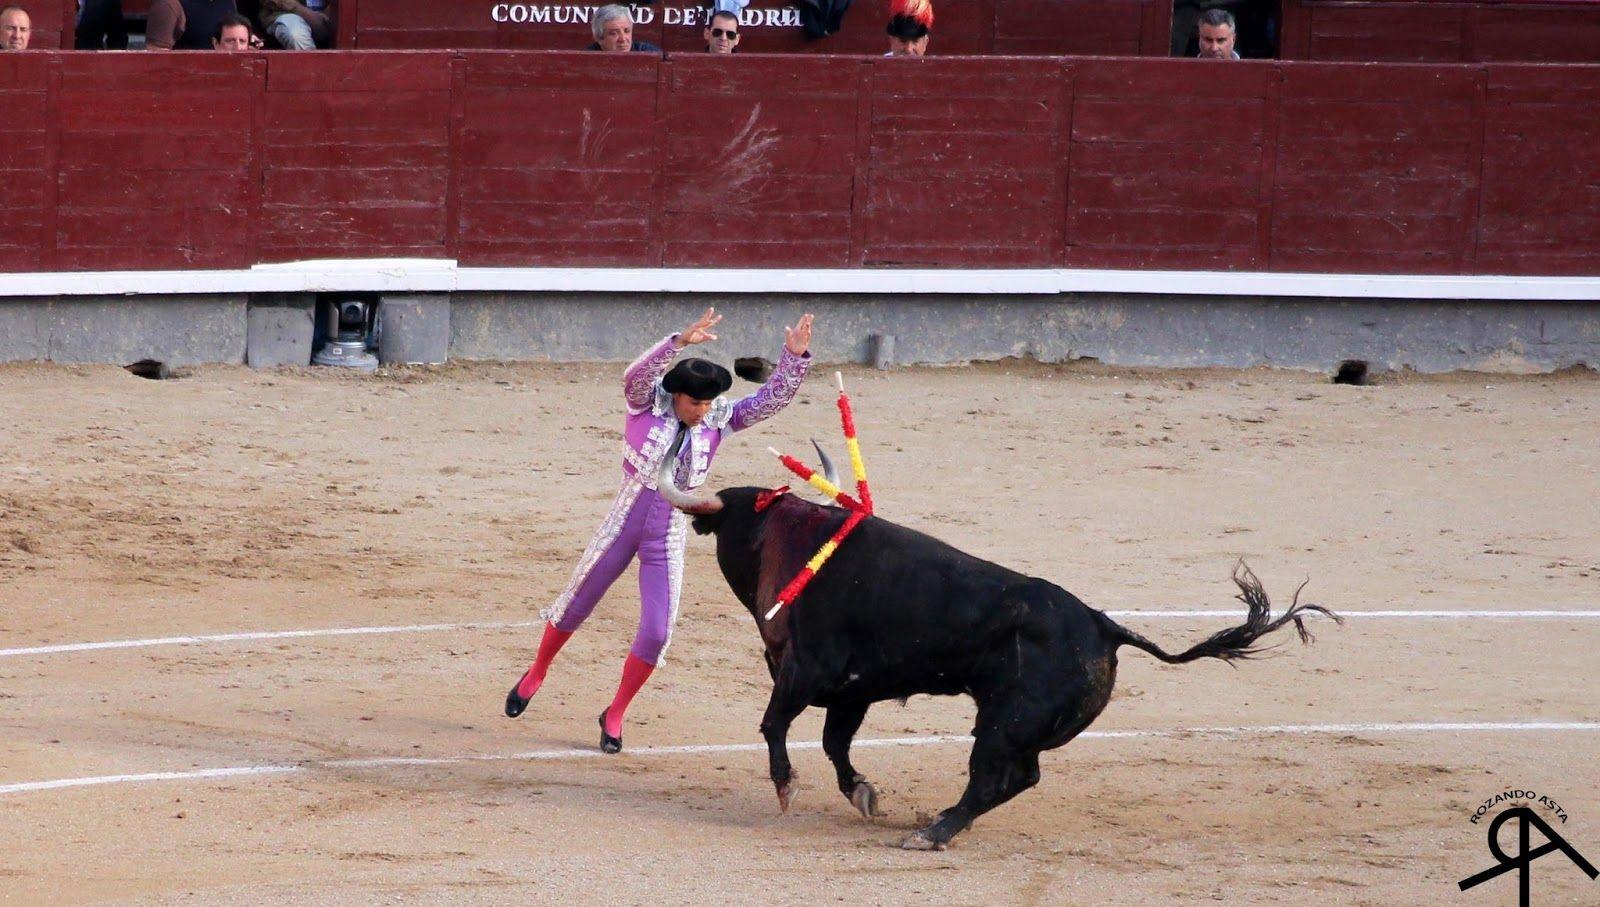 ROZANDO ASTA: Las Ventas, 22 de Mayo de 2013